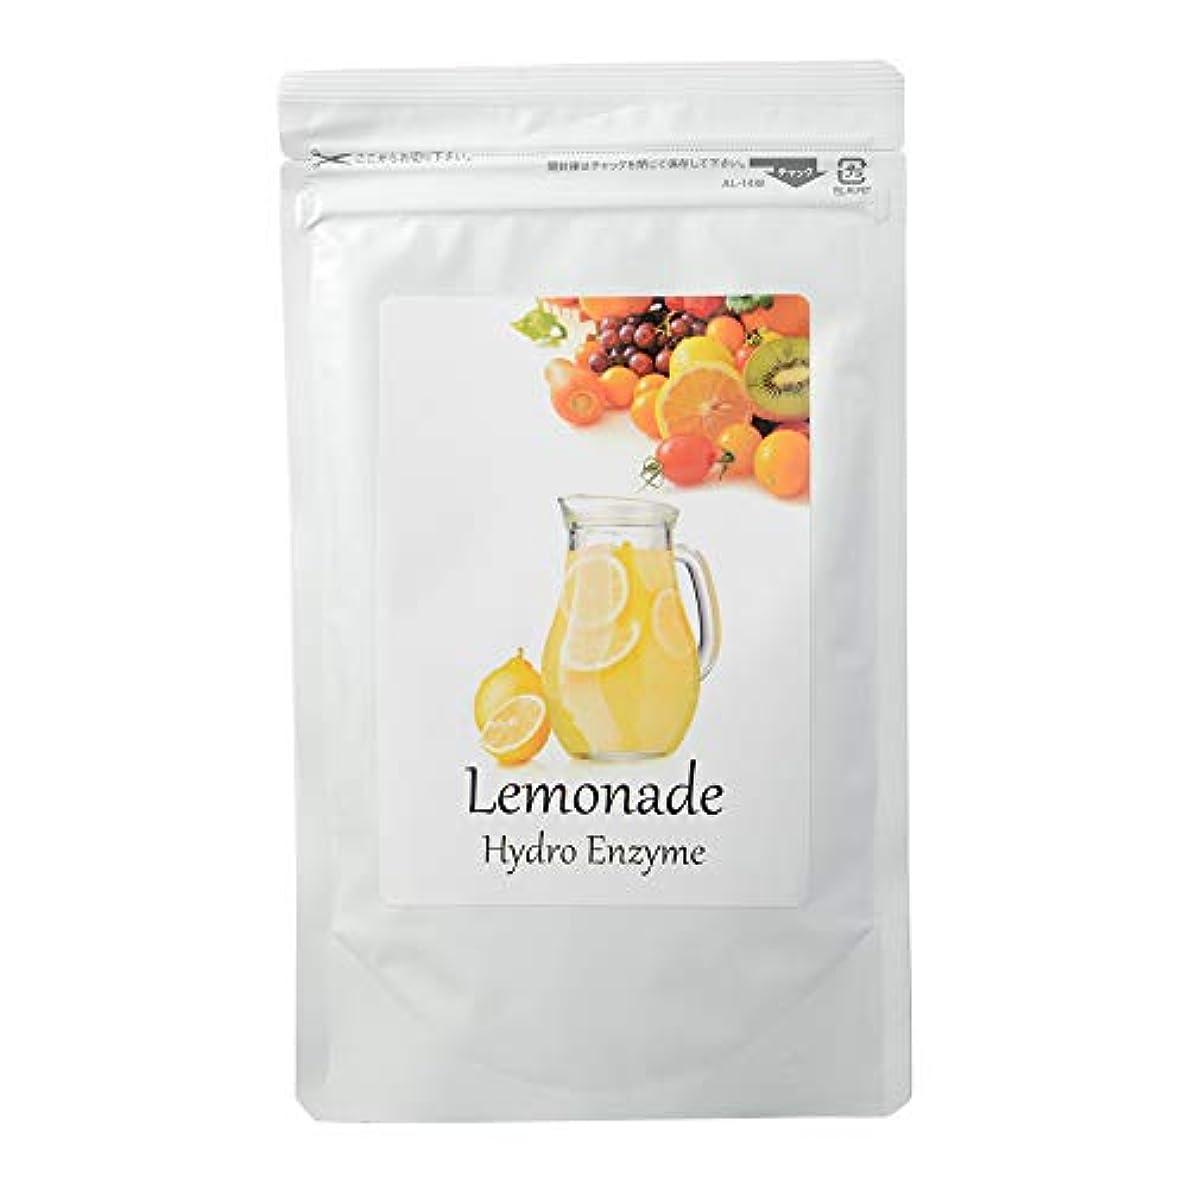 右生き返らせるオンスLemonade Hydro Enzyme (ダイエット ドリンク) レモネード 水素エンザイムダイエット 健康飲料 専用スプーン付 [内容量150g /説明書付き]